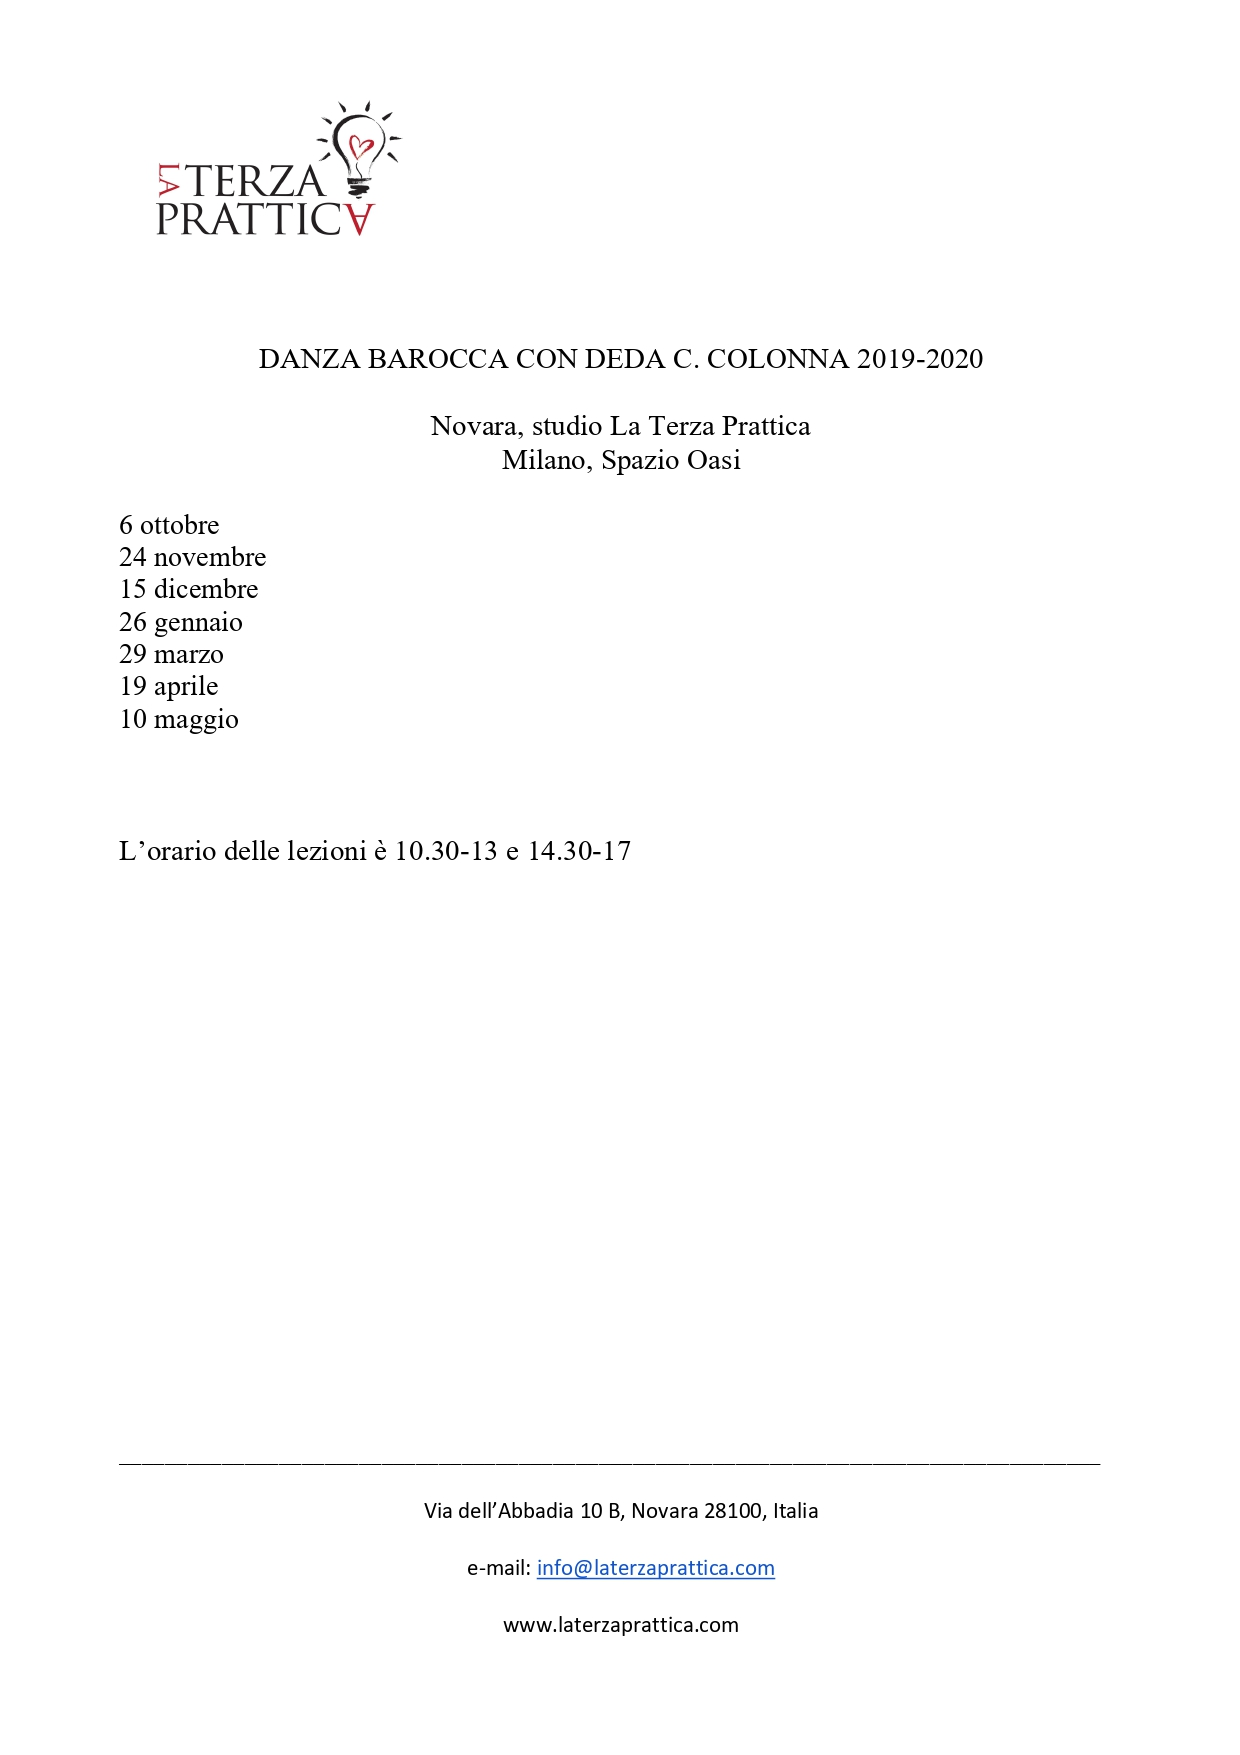 danza barocca 2019-2020_page-0001